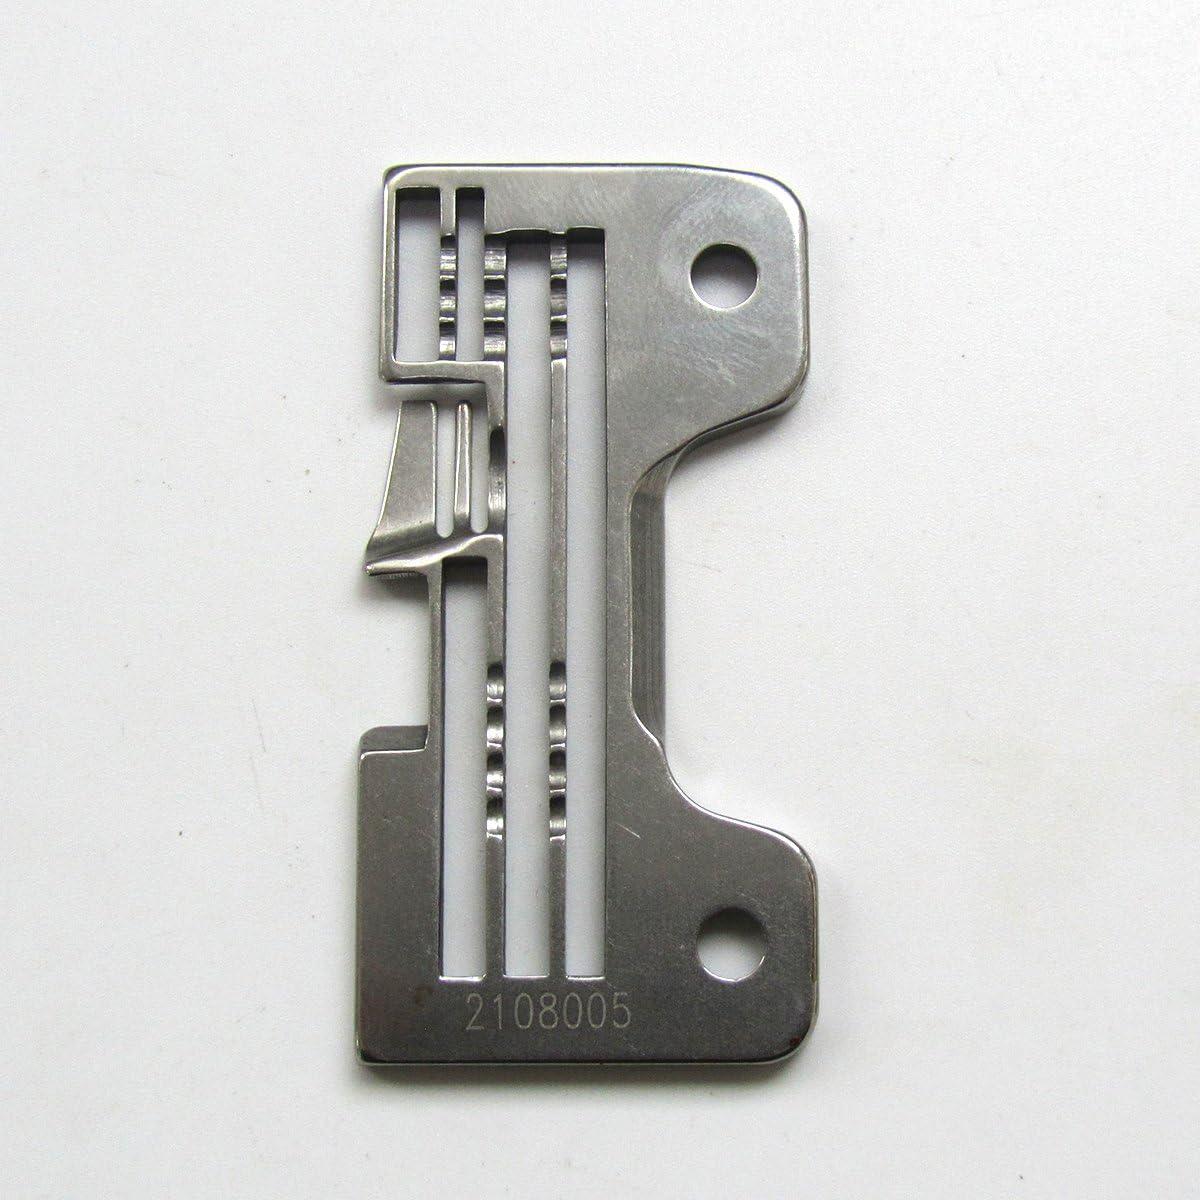 KUNPENG - Placa de aguja para YAMATO AZ-8003H-Y53 Overlock Machine # Y2108005 1piezas